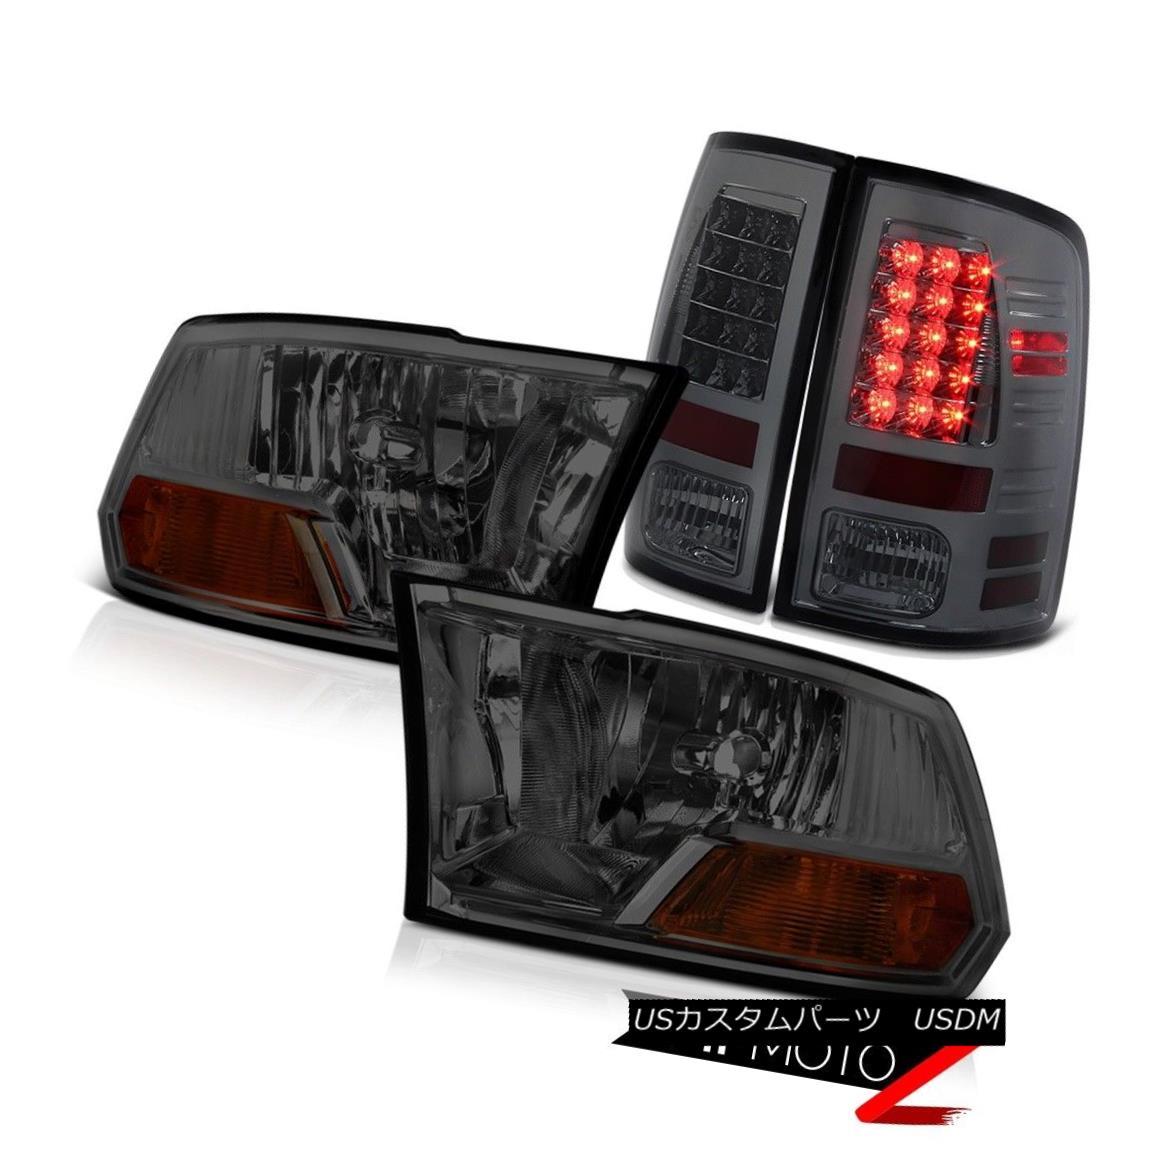 テールライト ERROR FREE SMOKE LED Taillight Headlight 2009-2018 Dodge Ram 2013 2012 2011 2010 エラーフリーSMOKE LEDテールライトヘッドライト2009-2018 Dodge Ram 2013 2012 2011 2010